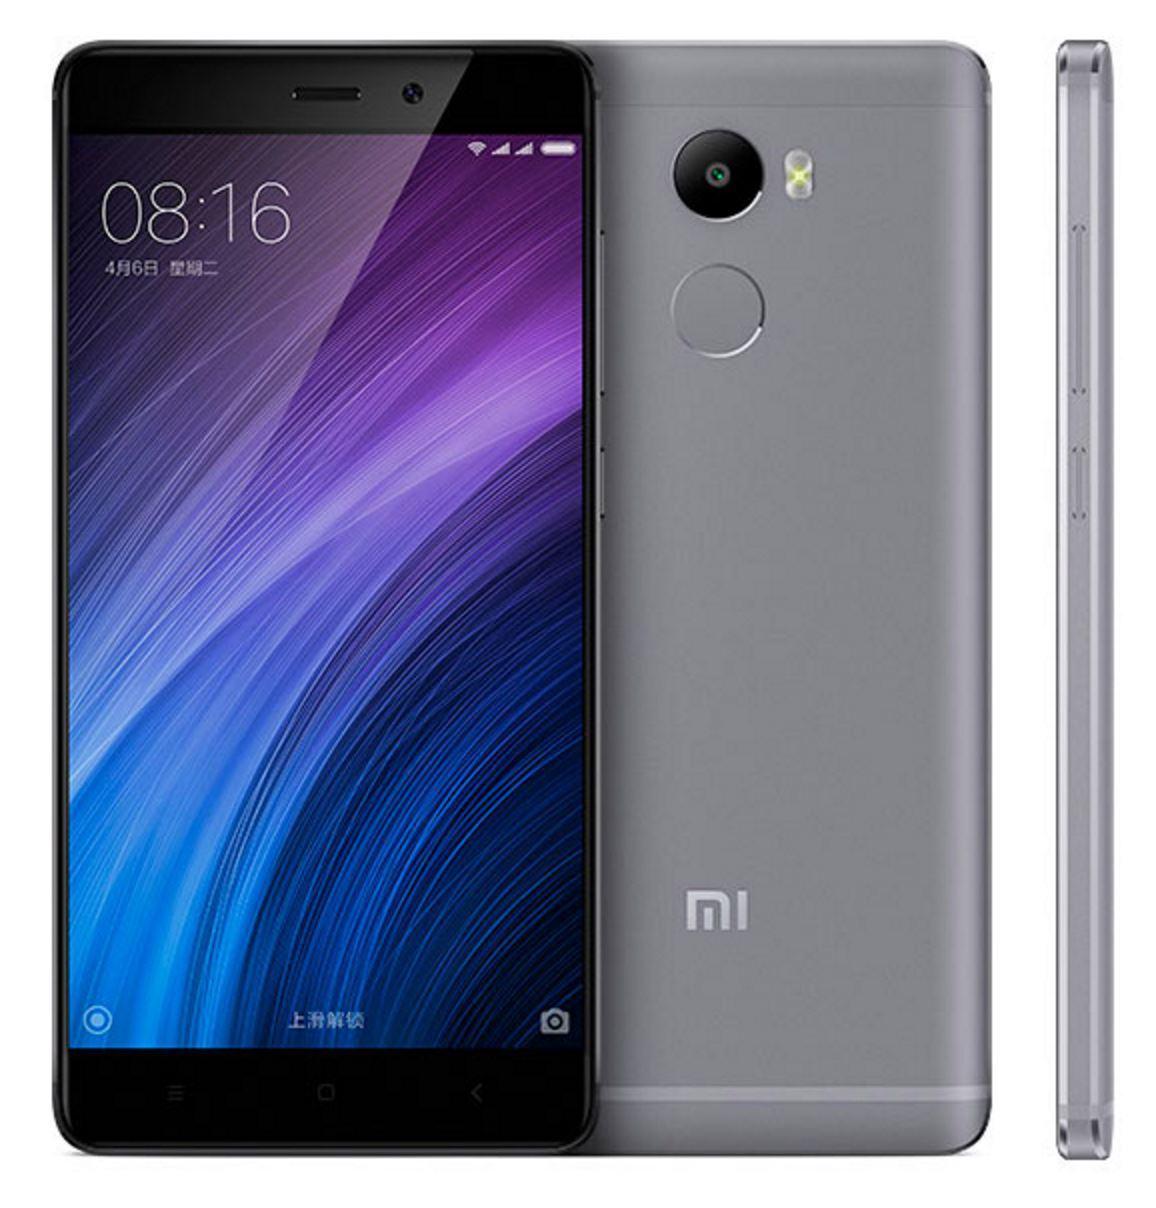 Xiaomi Redmi 4X - Aus China, aber mit LTE Band 20 9